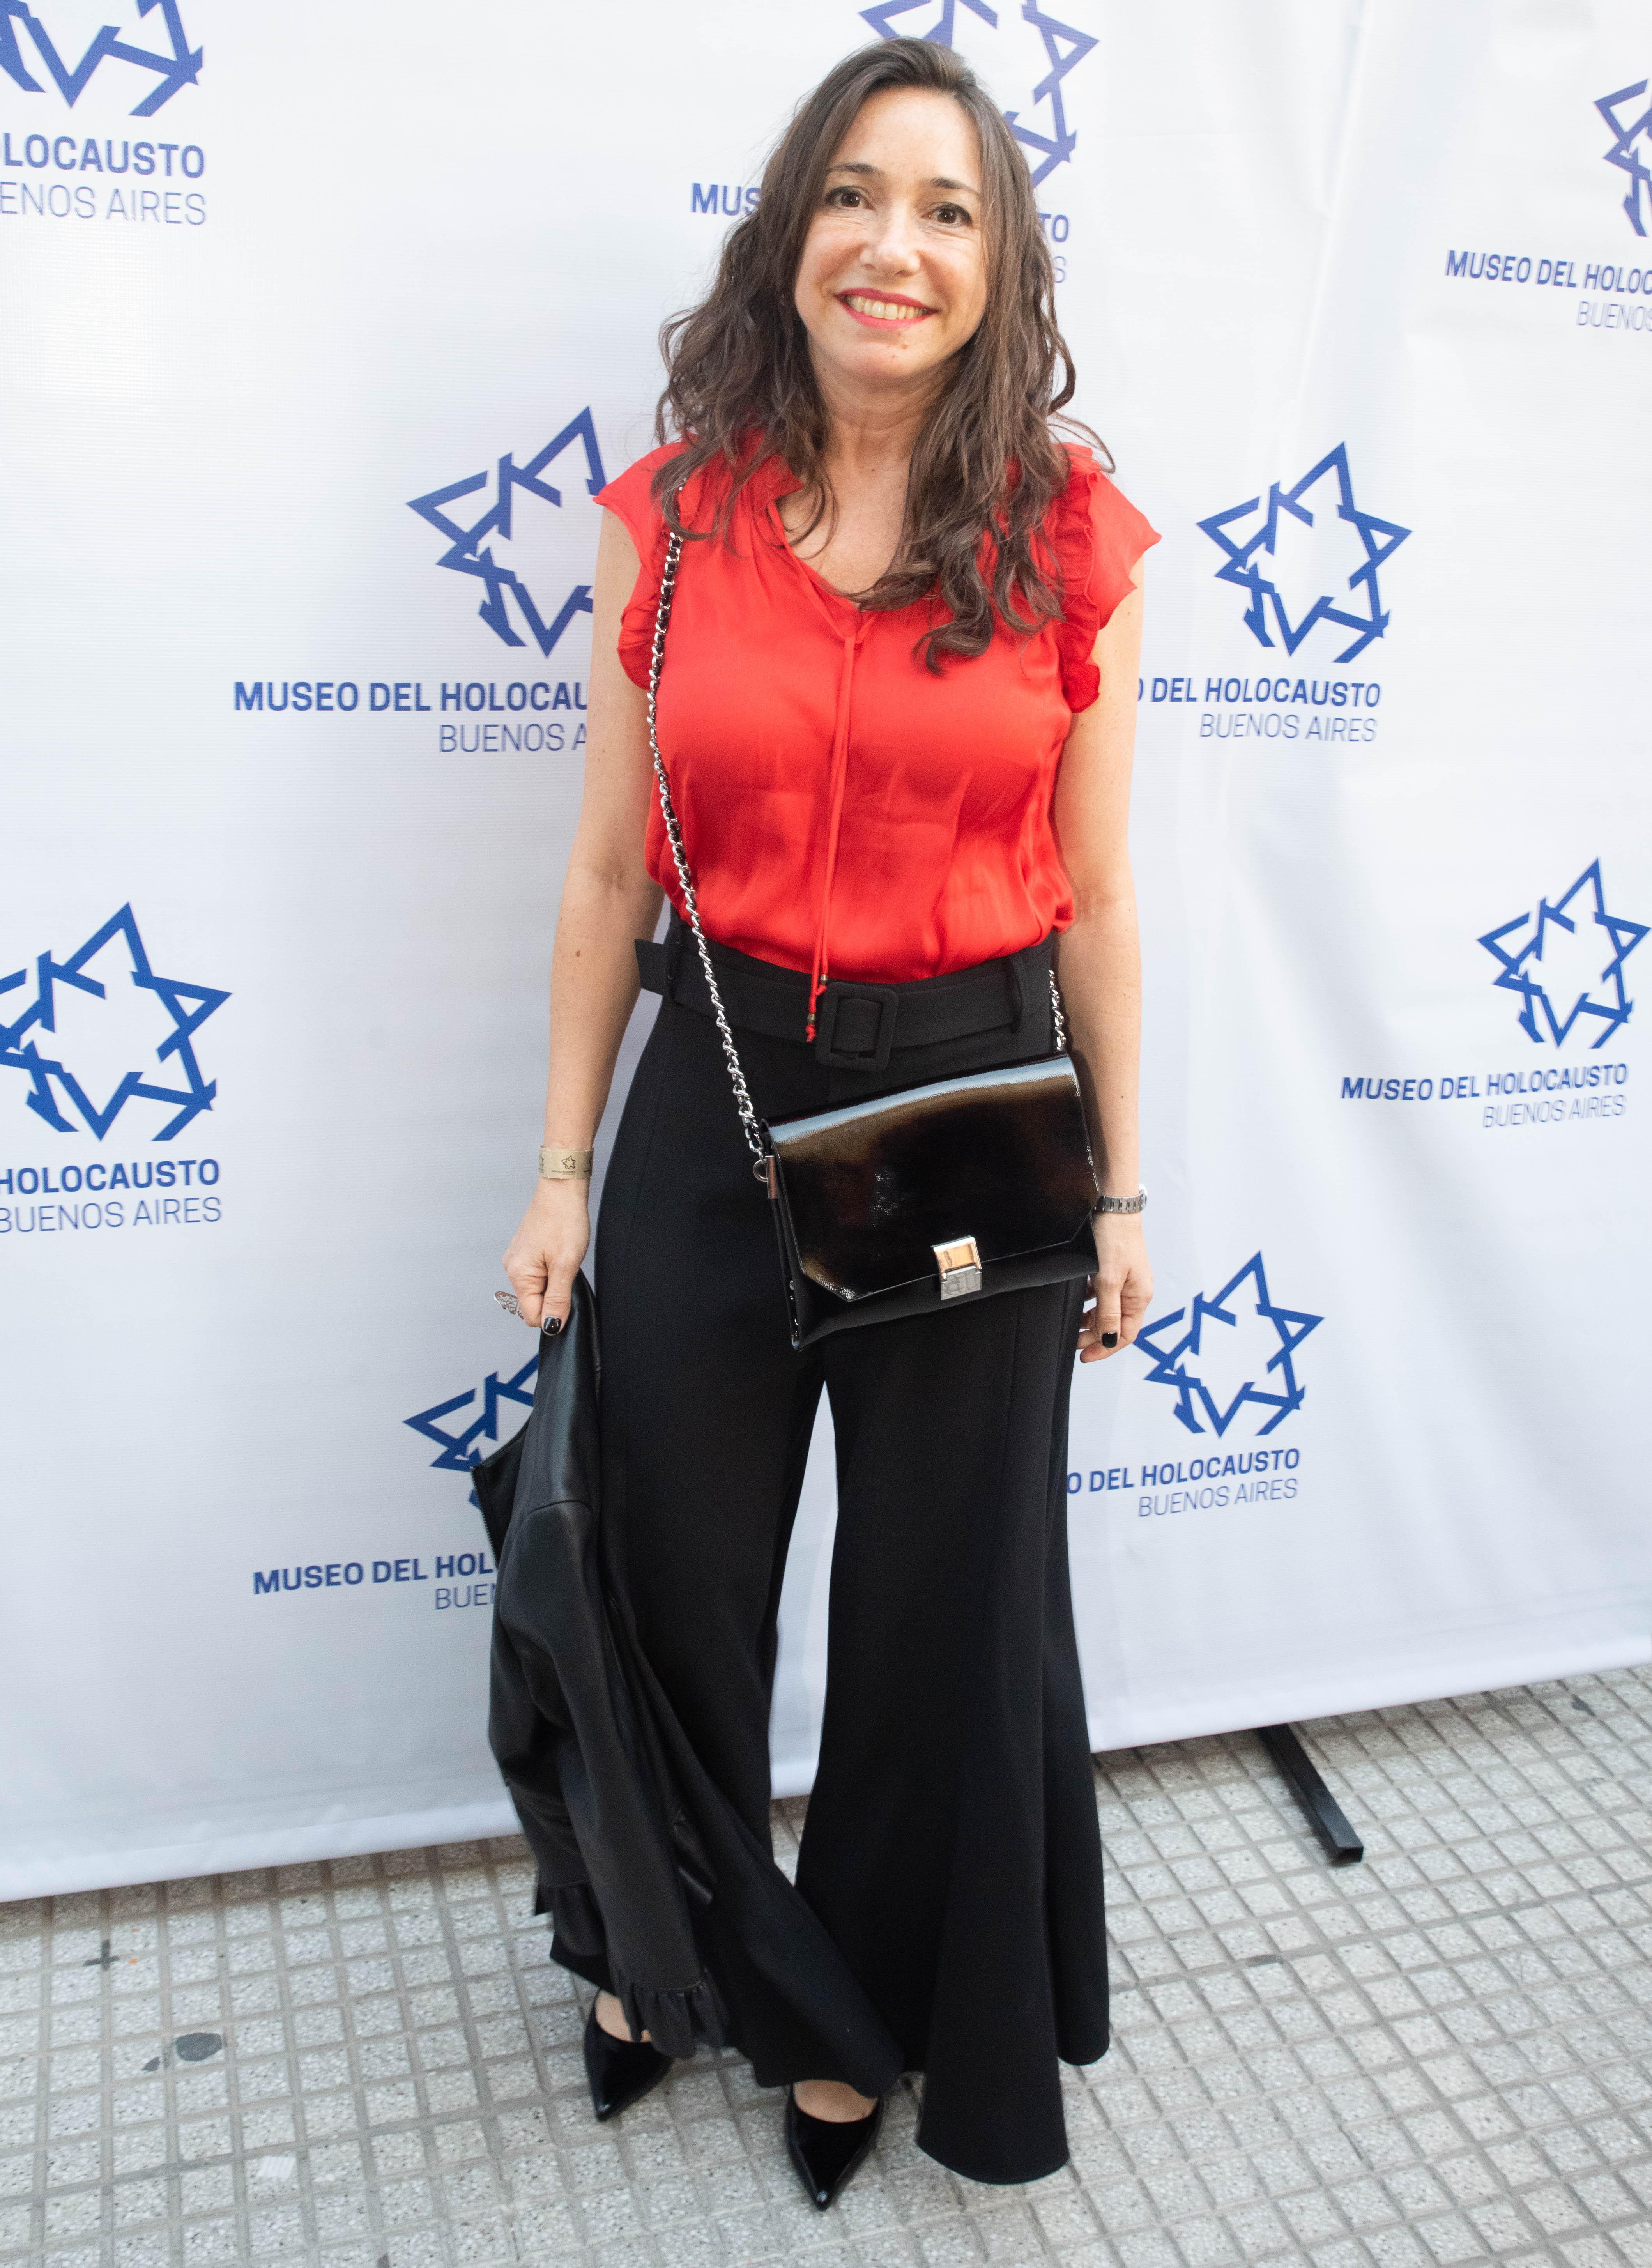 Pamela Malewicz, la titular de la Subsecretaría de Derechos Humanos y Pluralismo Cultural del Gobierno de la Ciudad